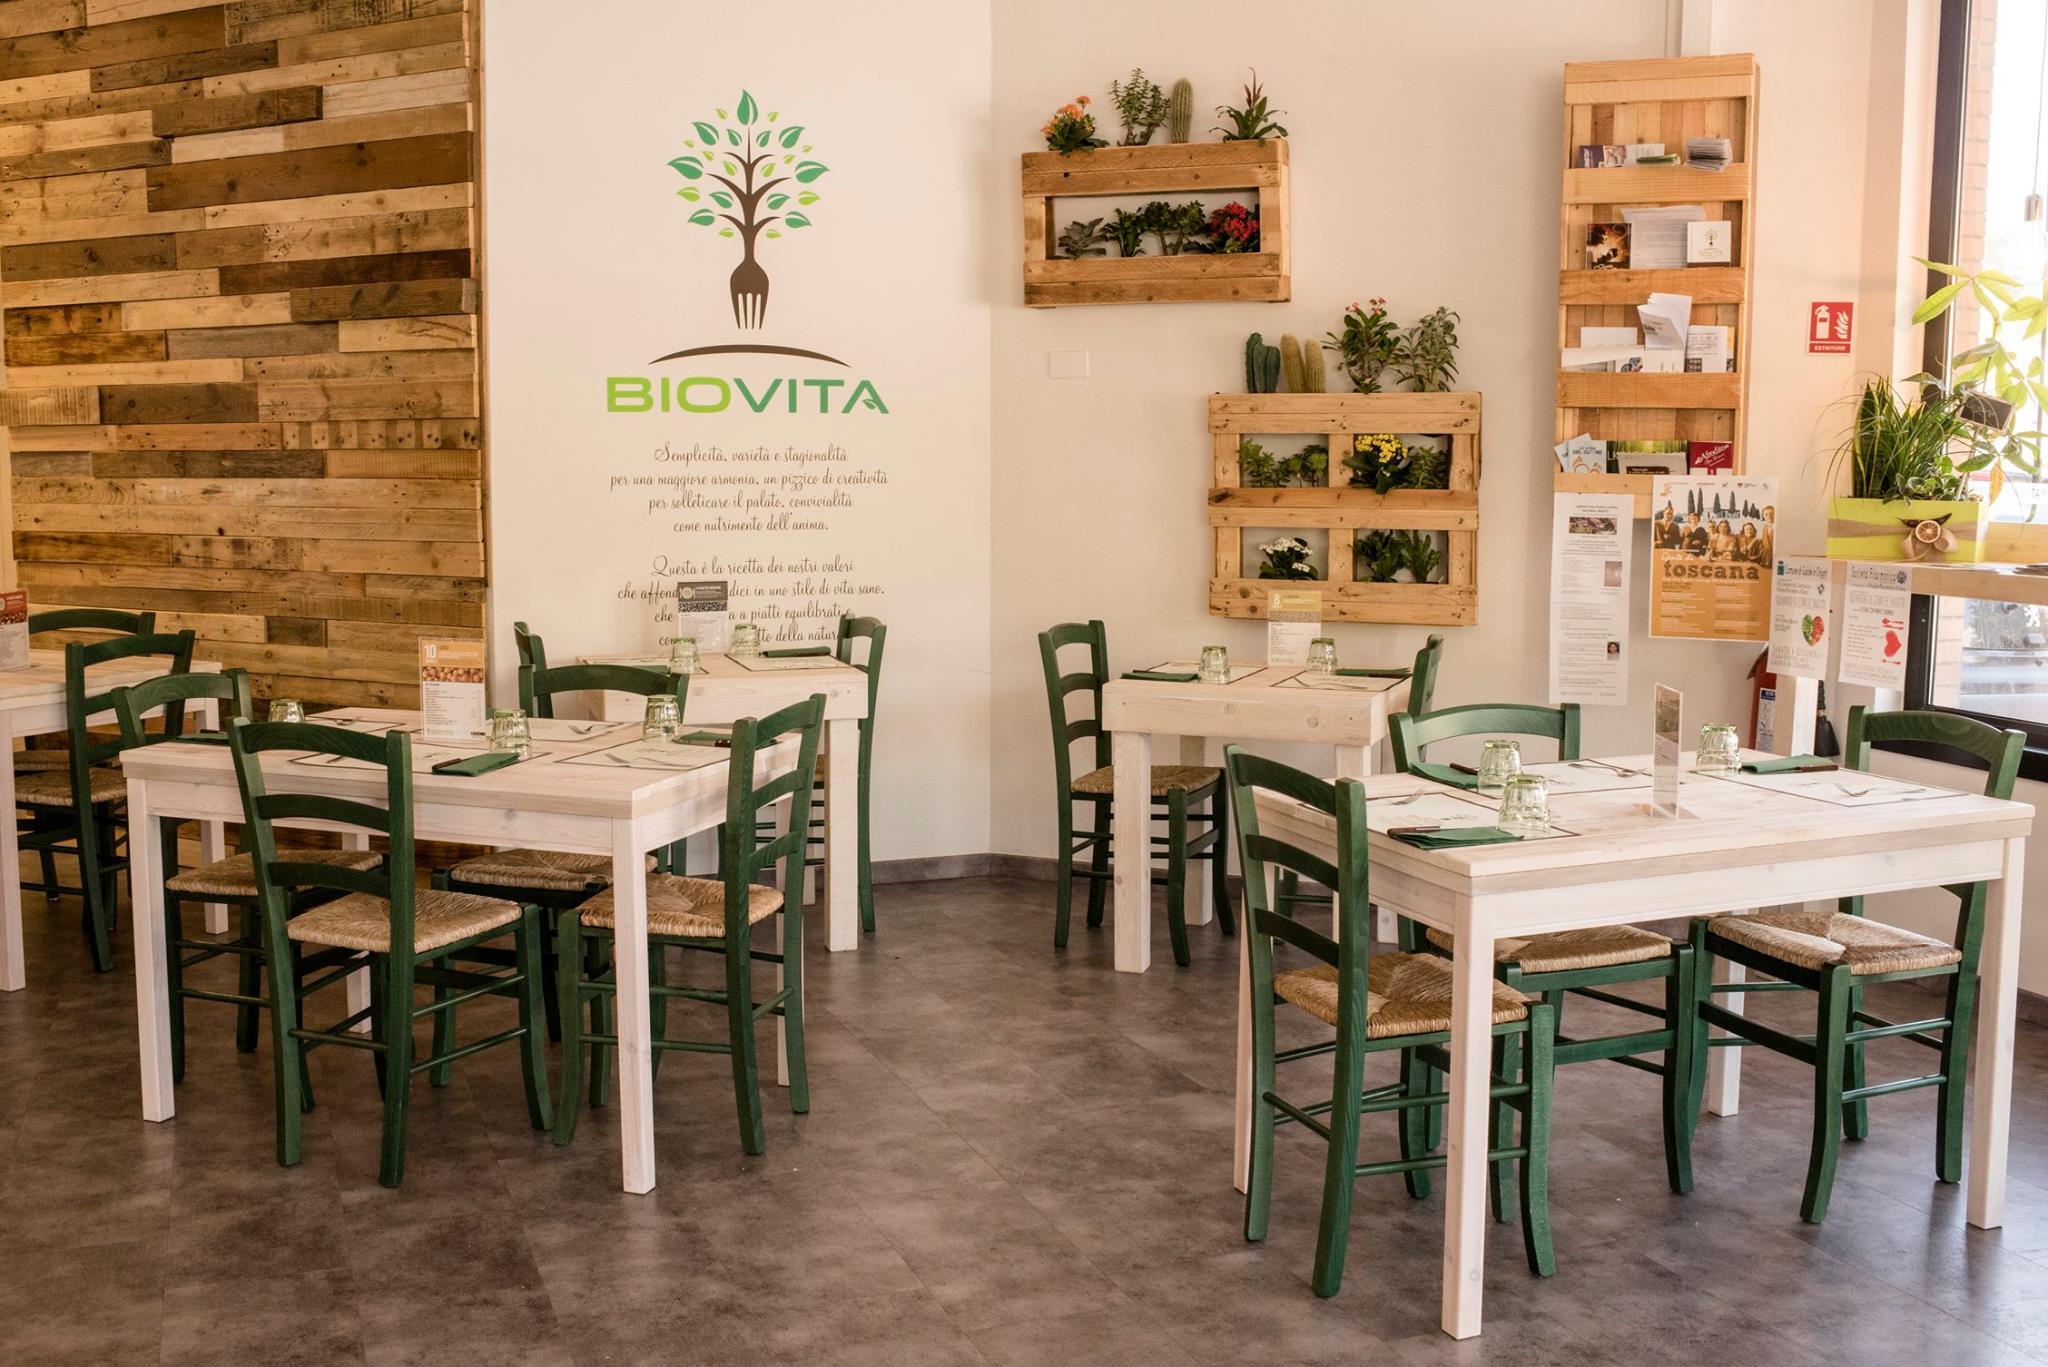 Biovita: il ristorante bio market che fa corsi di cucina - Terra Nuova